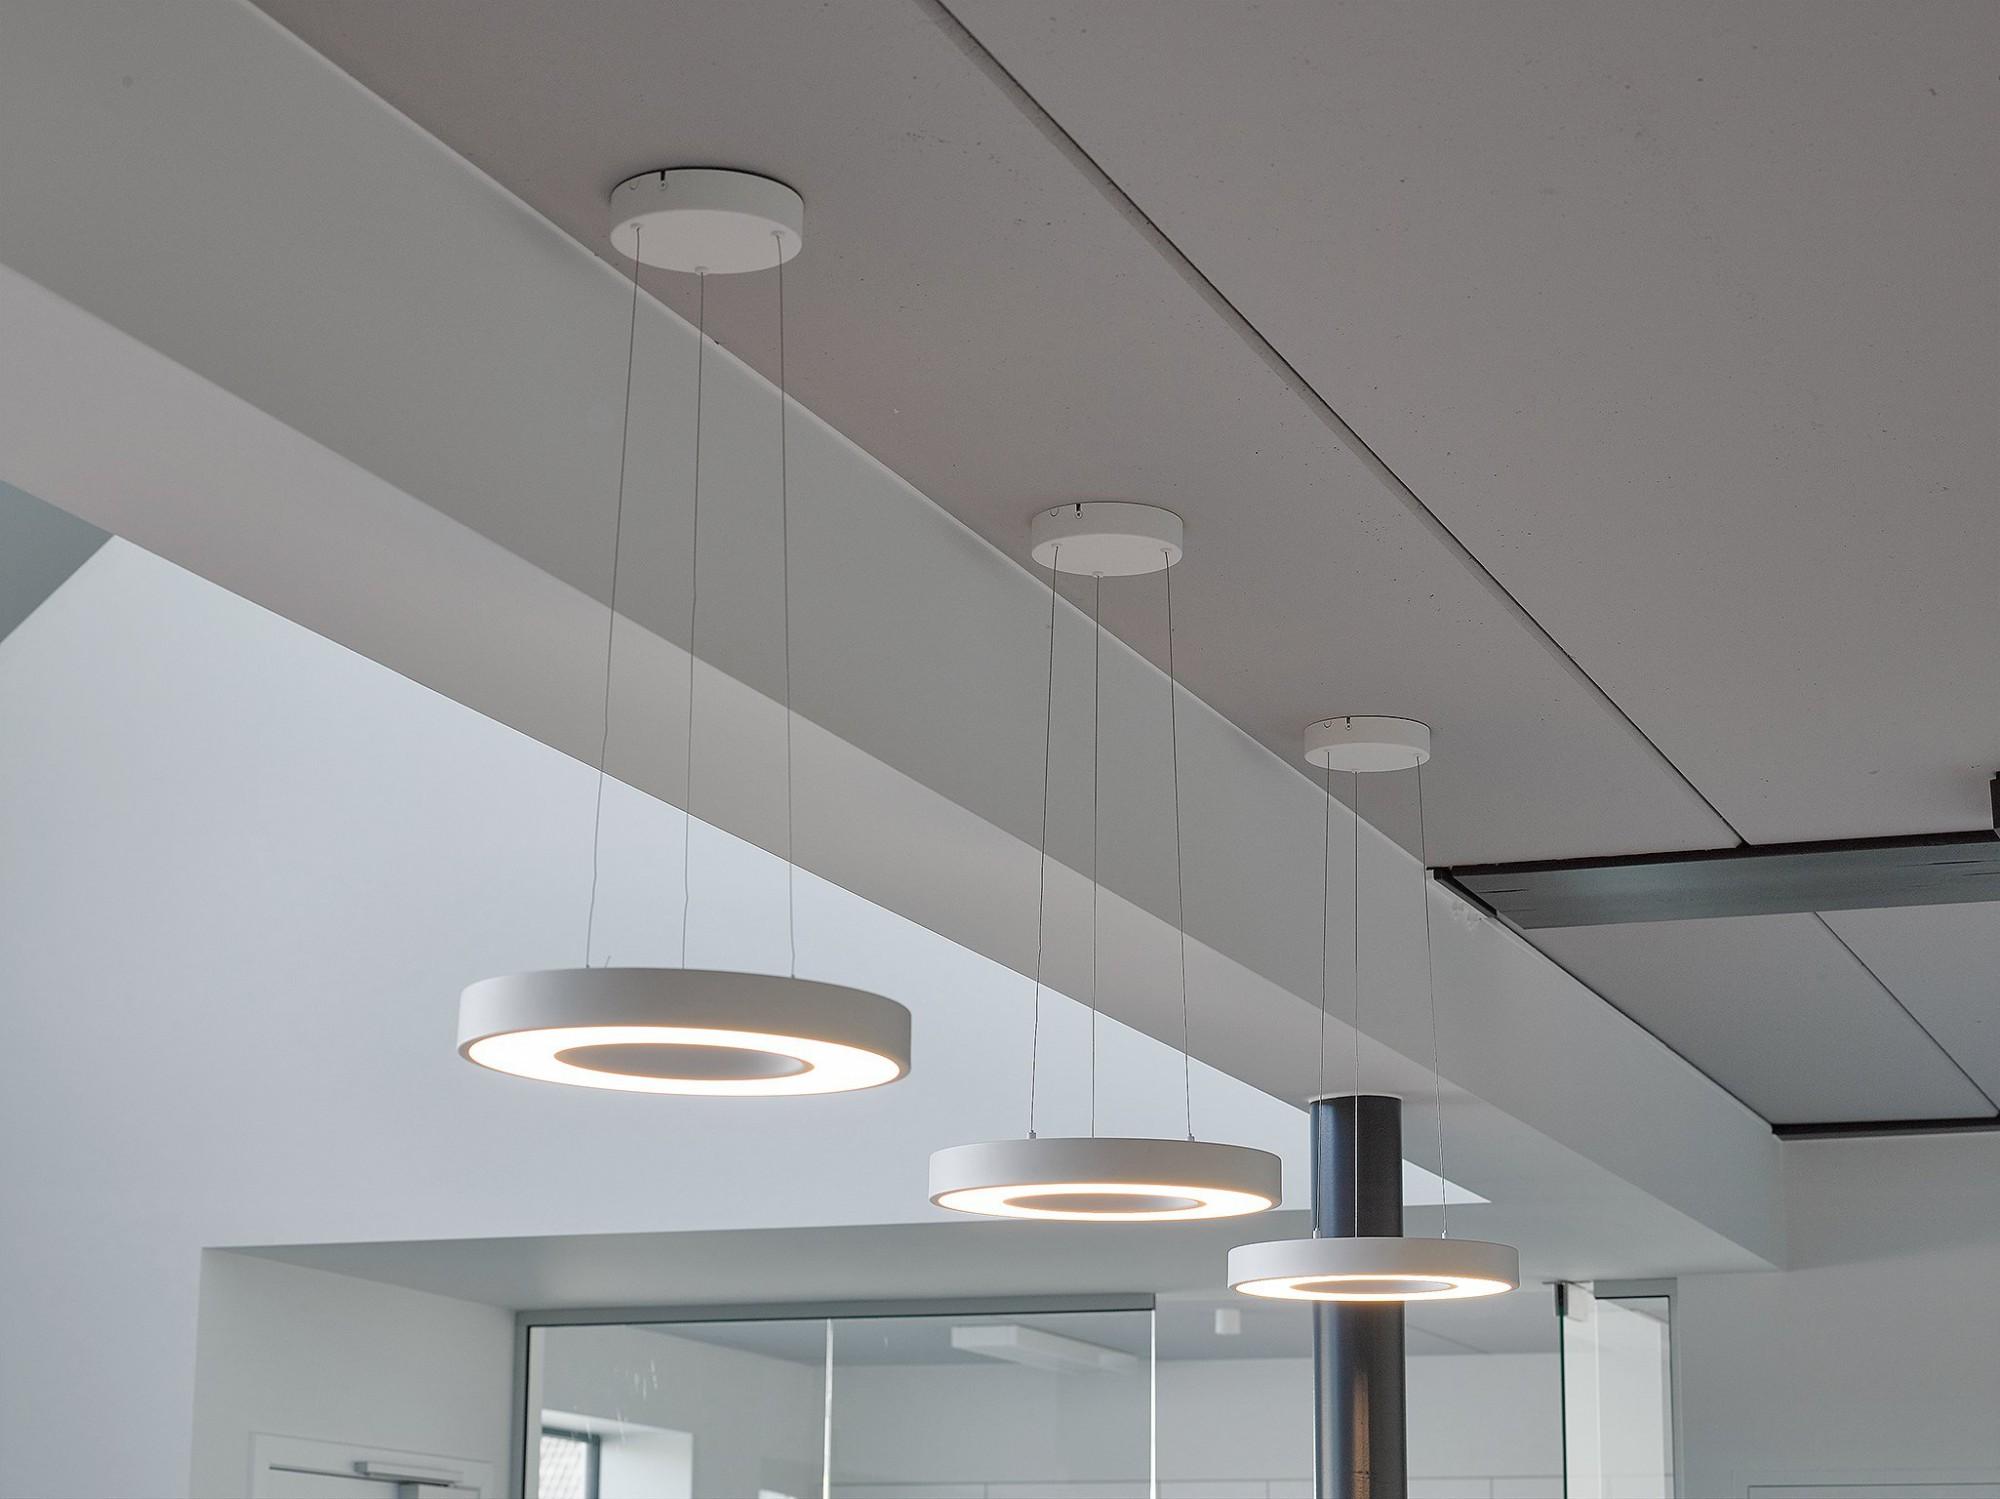 Afbeelding: Fotografie verlichting voor SG Lighting te Rotselaar, foto Van Huffel.